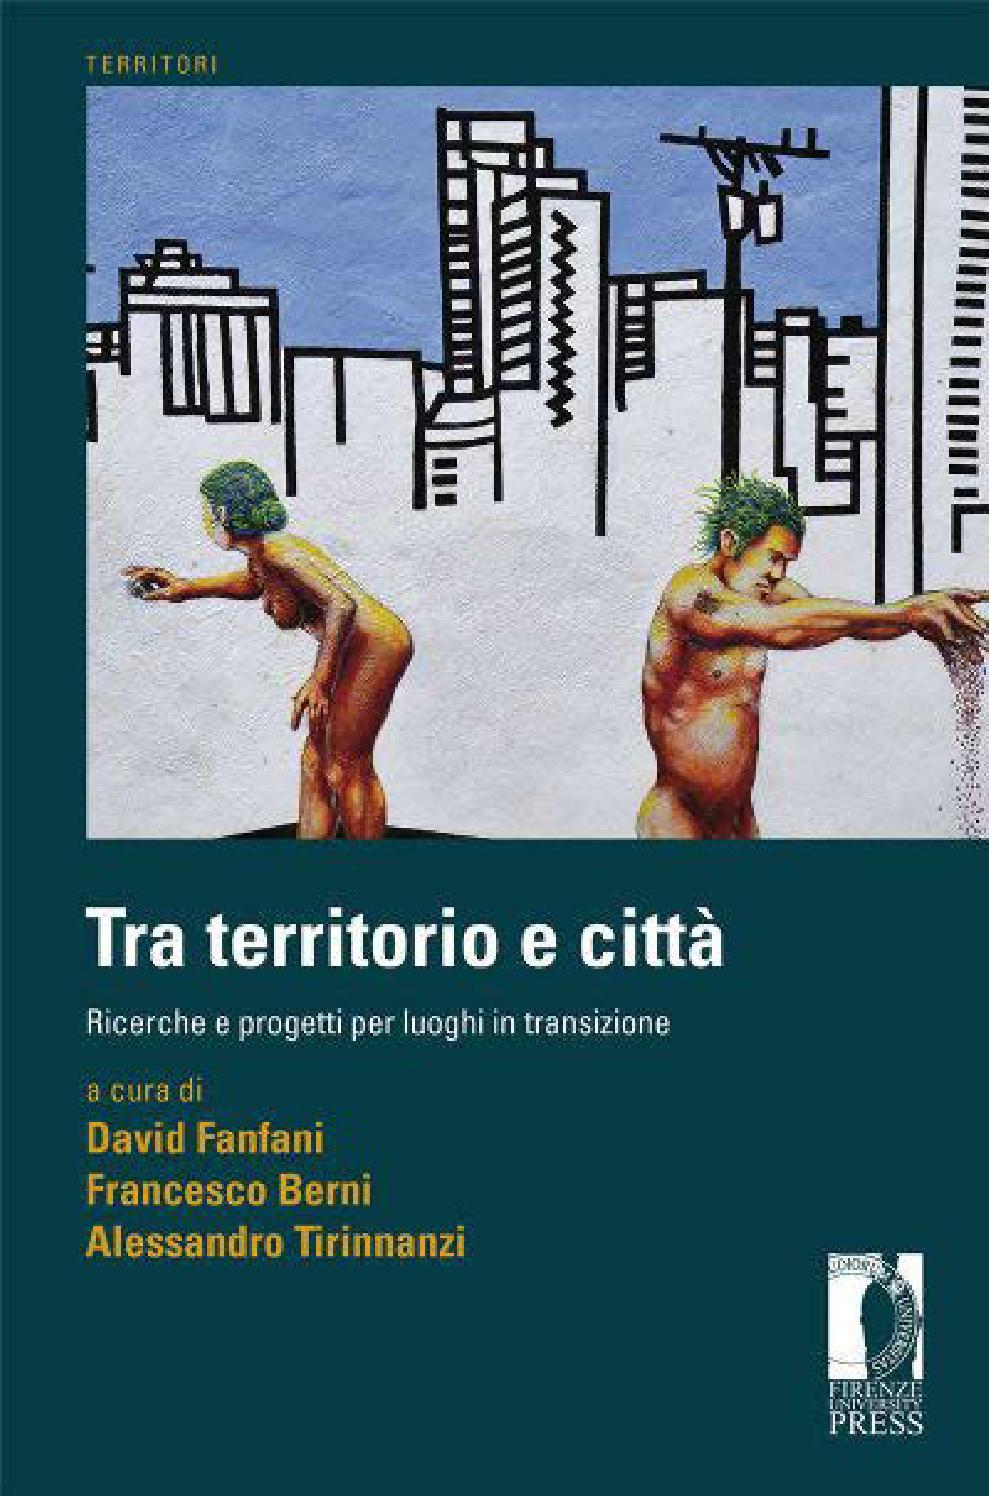 Tra territorio e città by DIDA - issuu 36e827ddb903